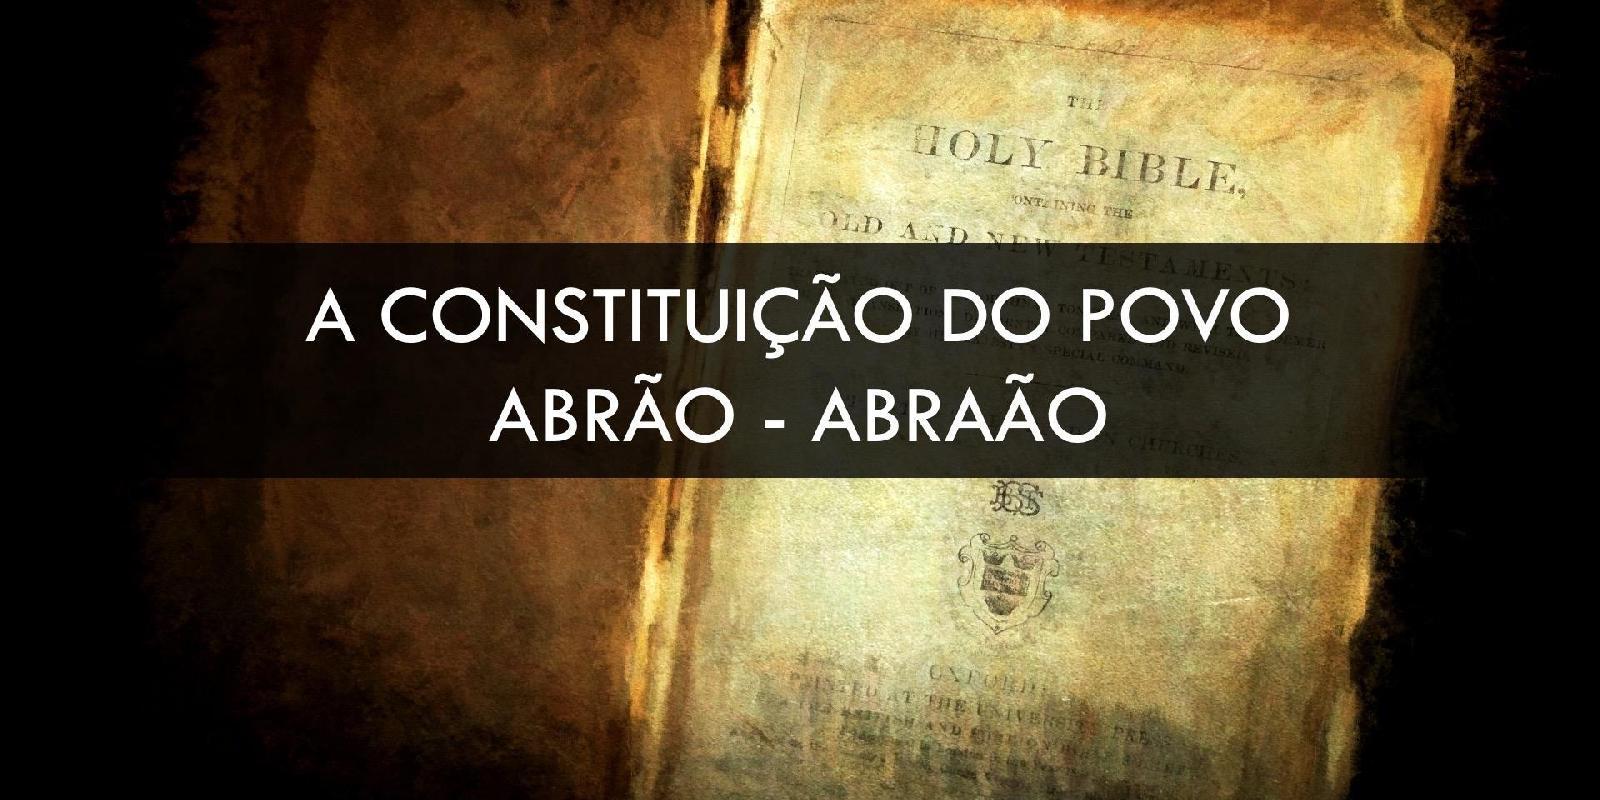 Constituição do Povo - Isaac e Jacó